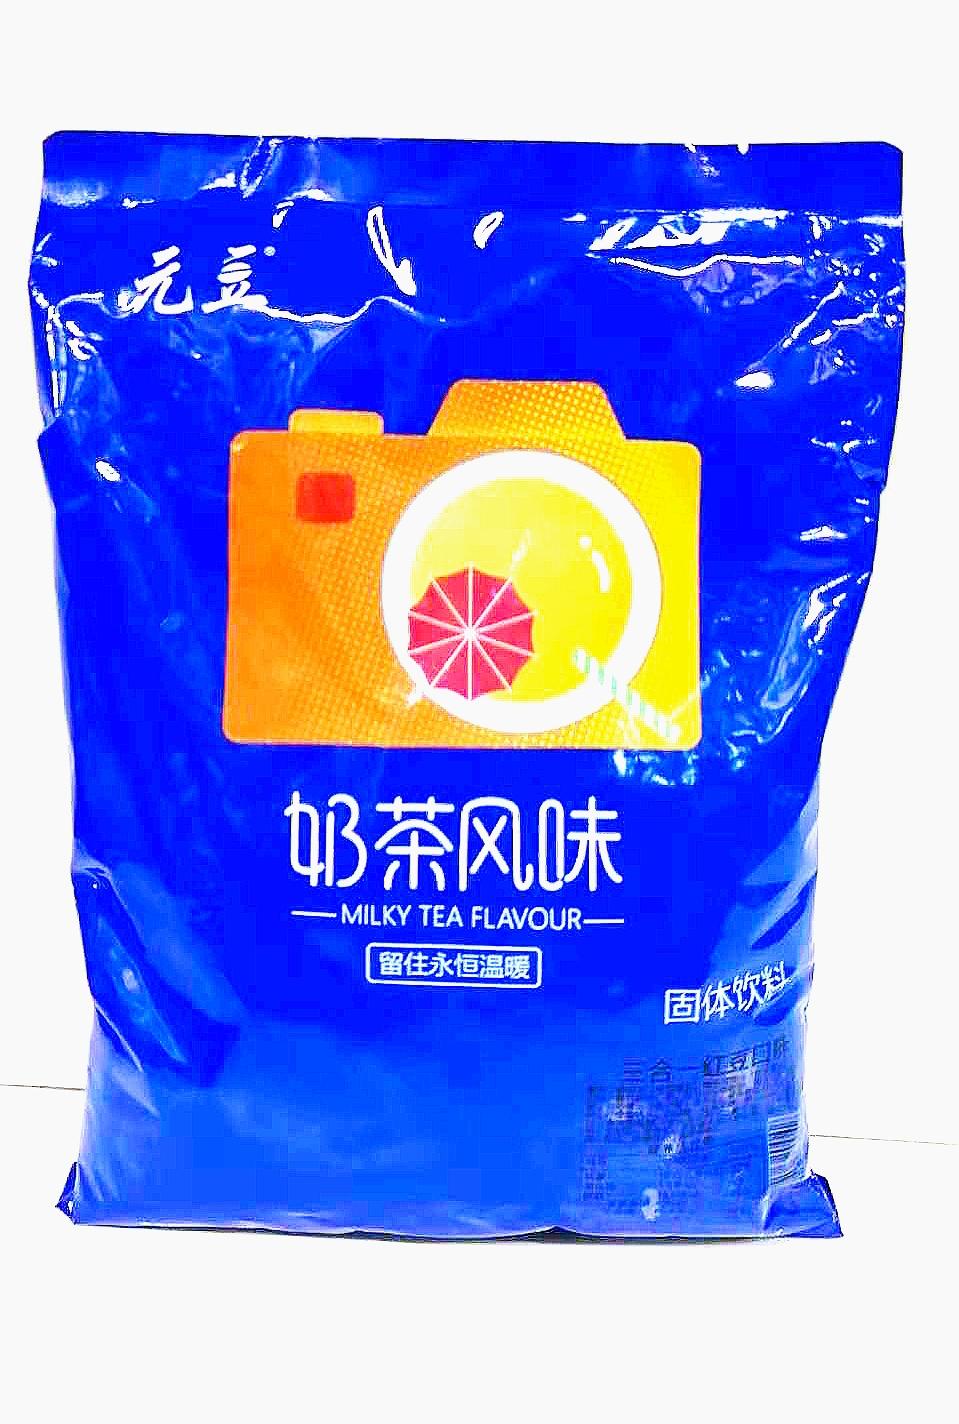 元豆三合一红豆奶茶粉1000g咖啡机原料奶茶粉2袋包邮